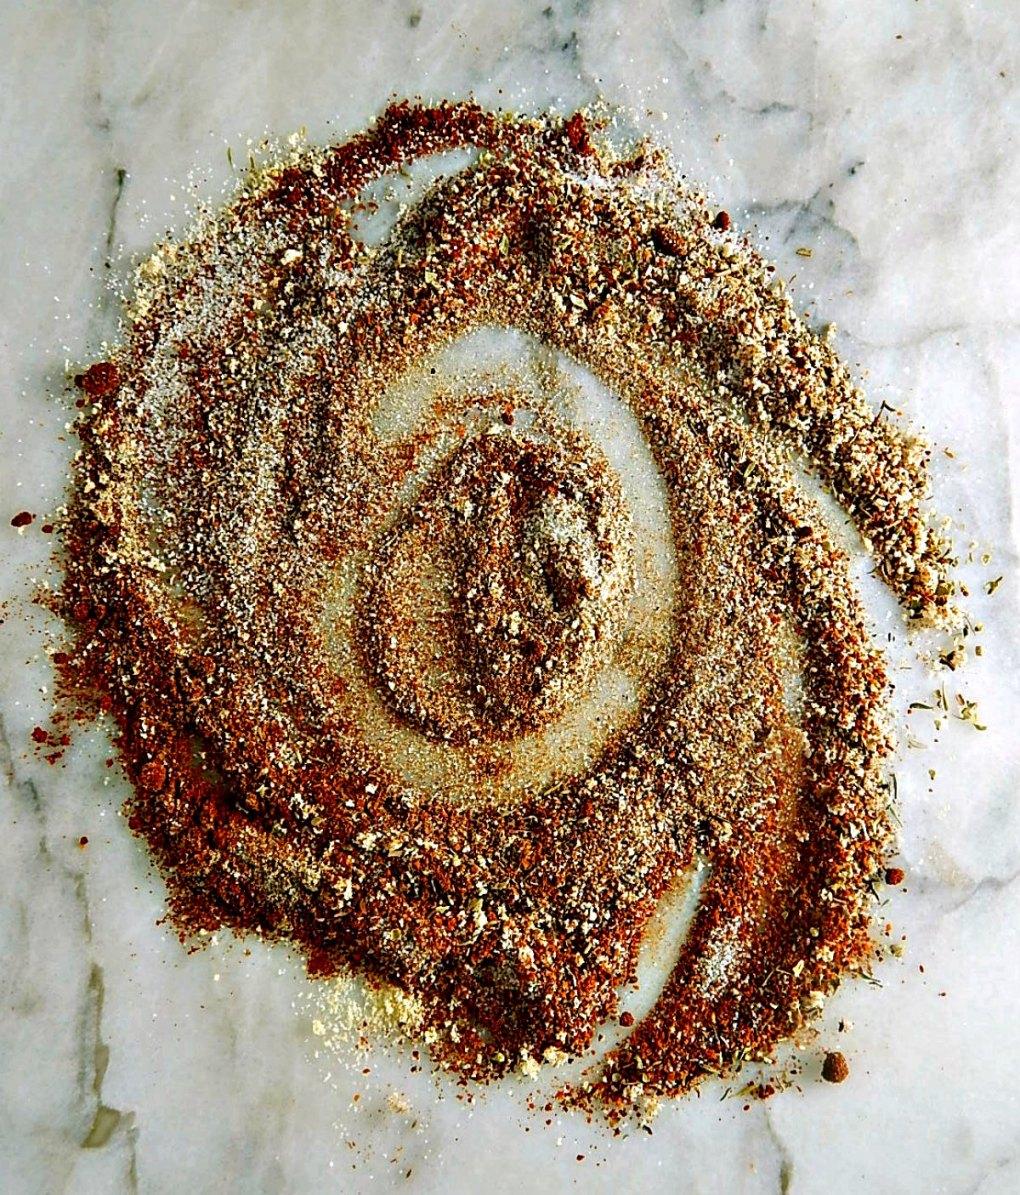 Paul Prudhomme's Blackened Seasoning Spice